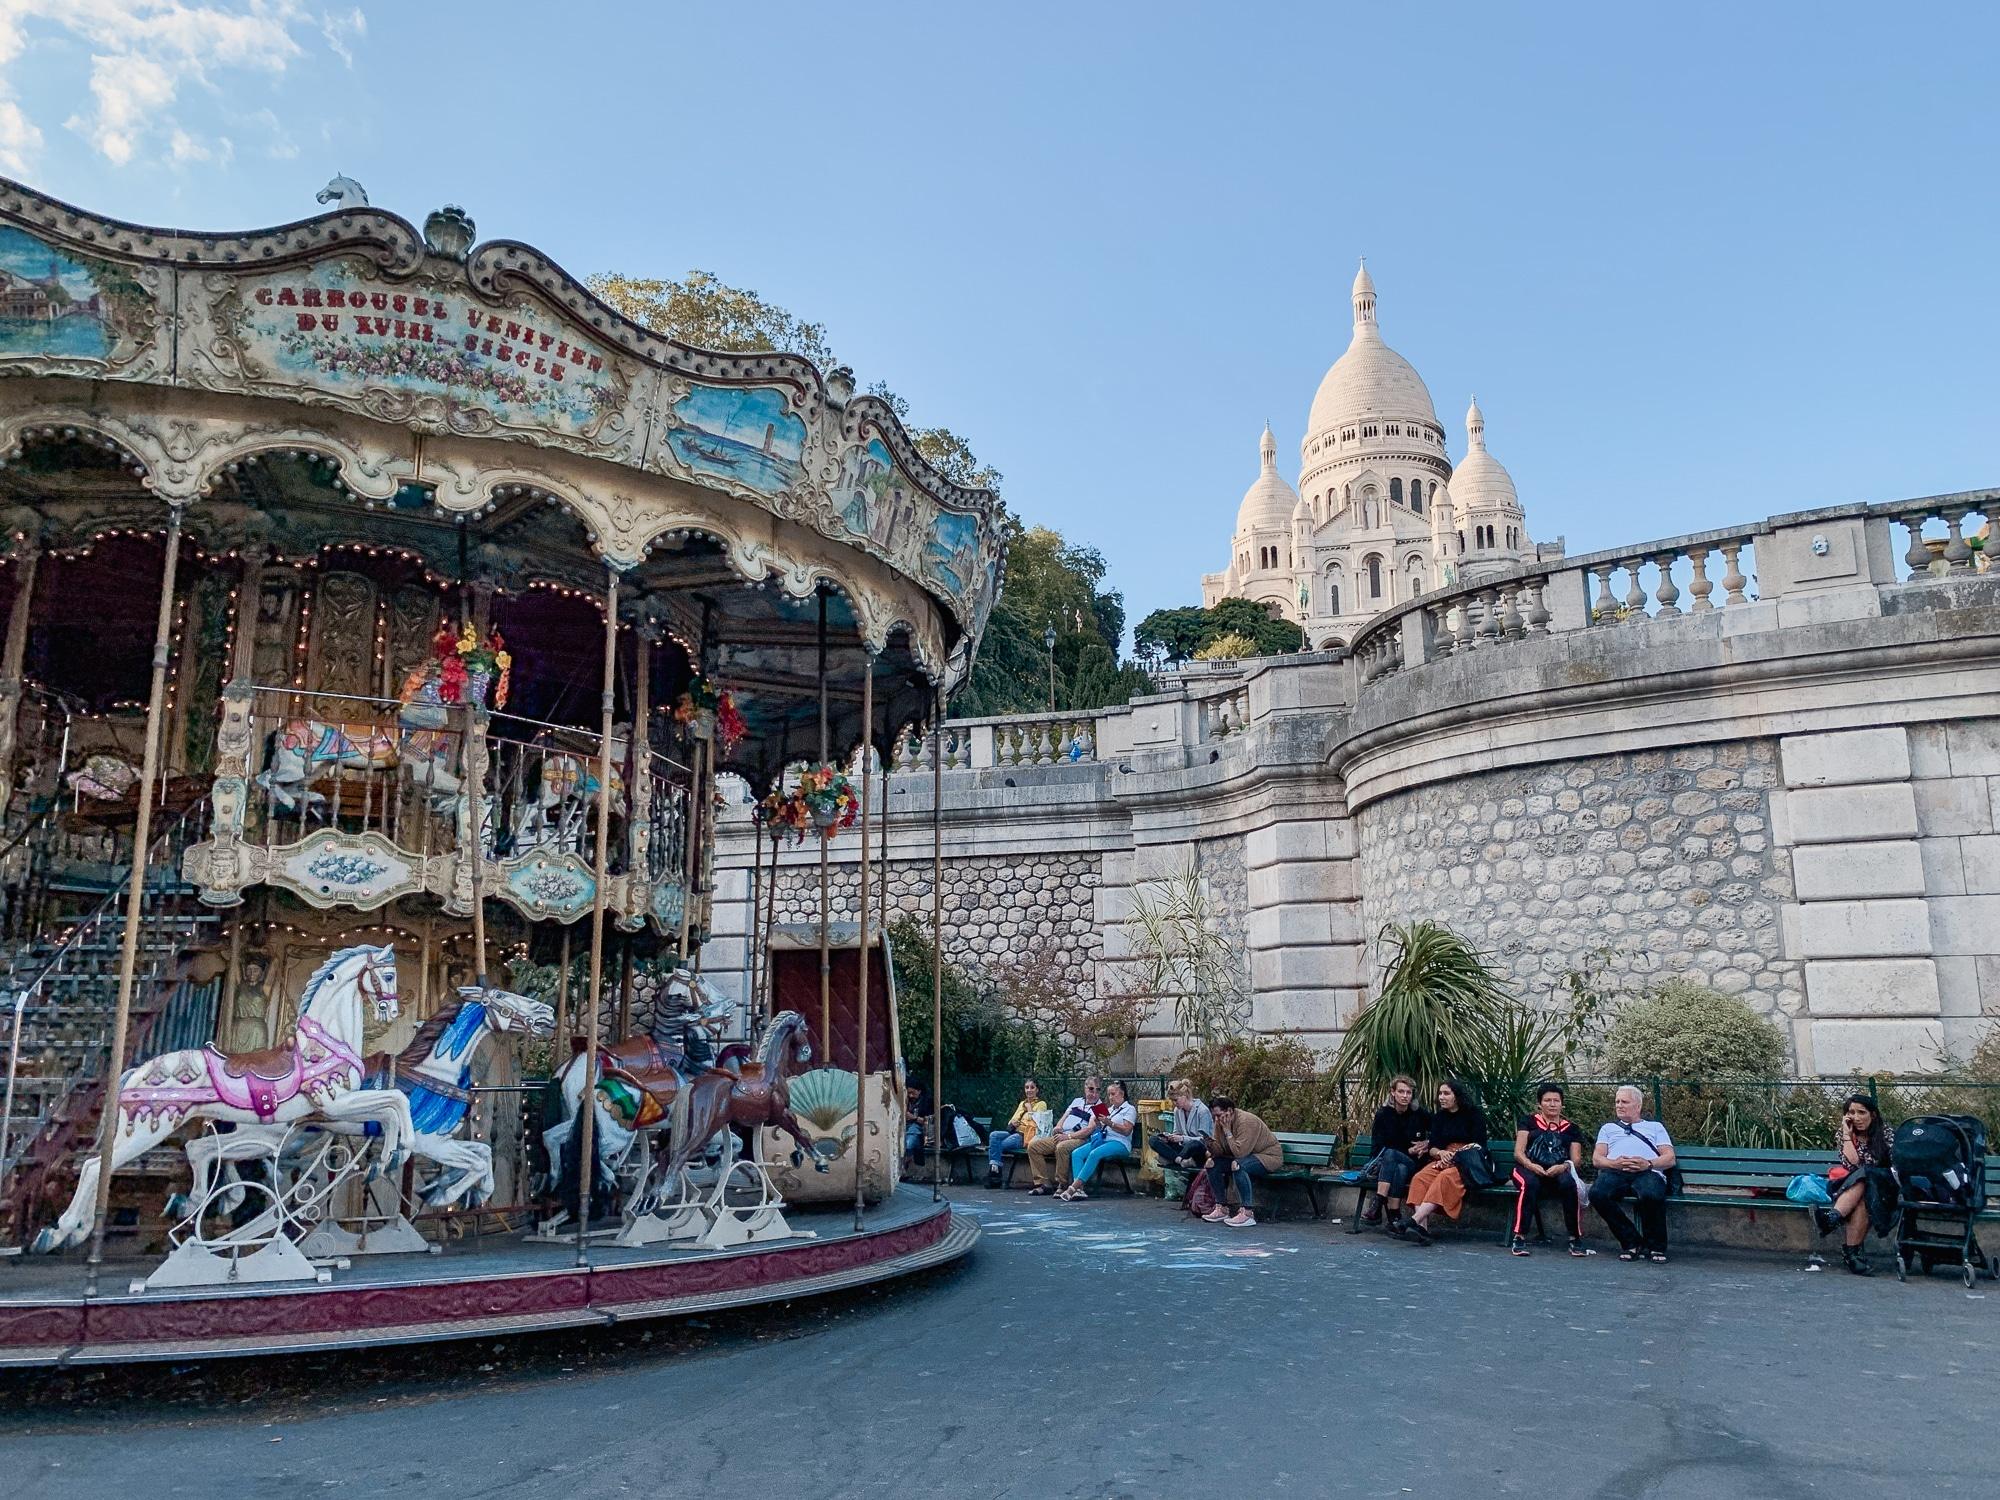 Schönste Fotospots in Paris - und meine liebsten Instagram Hotspots - Montmartre Sacre Coeur und Karussell